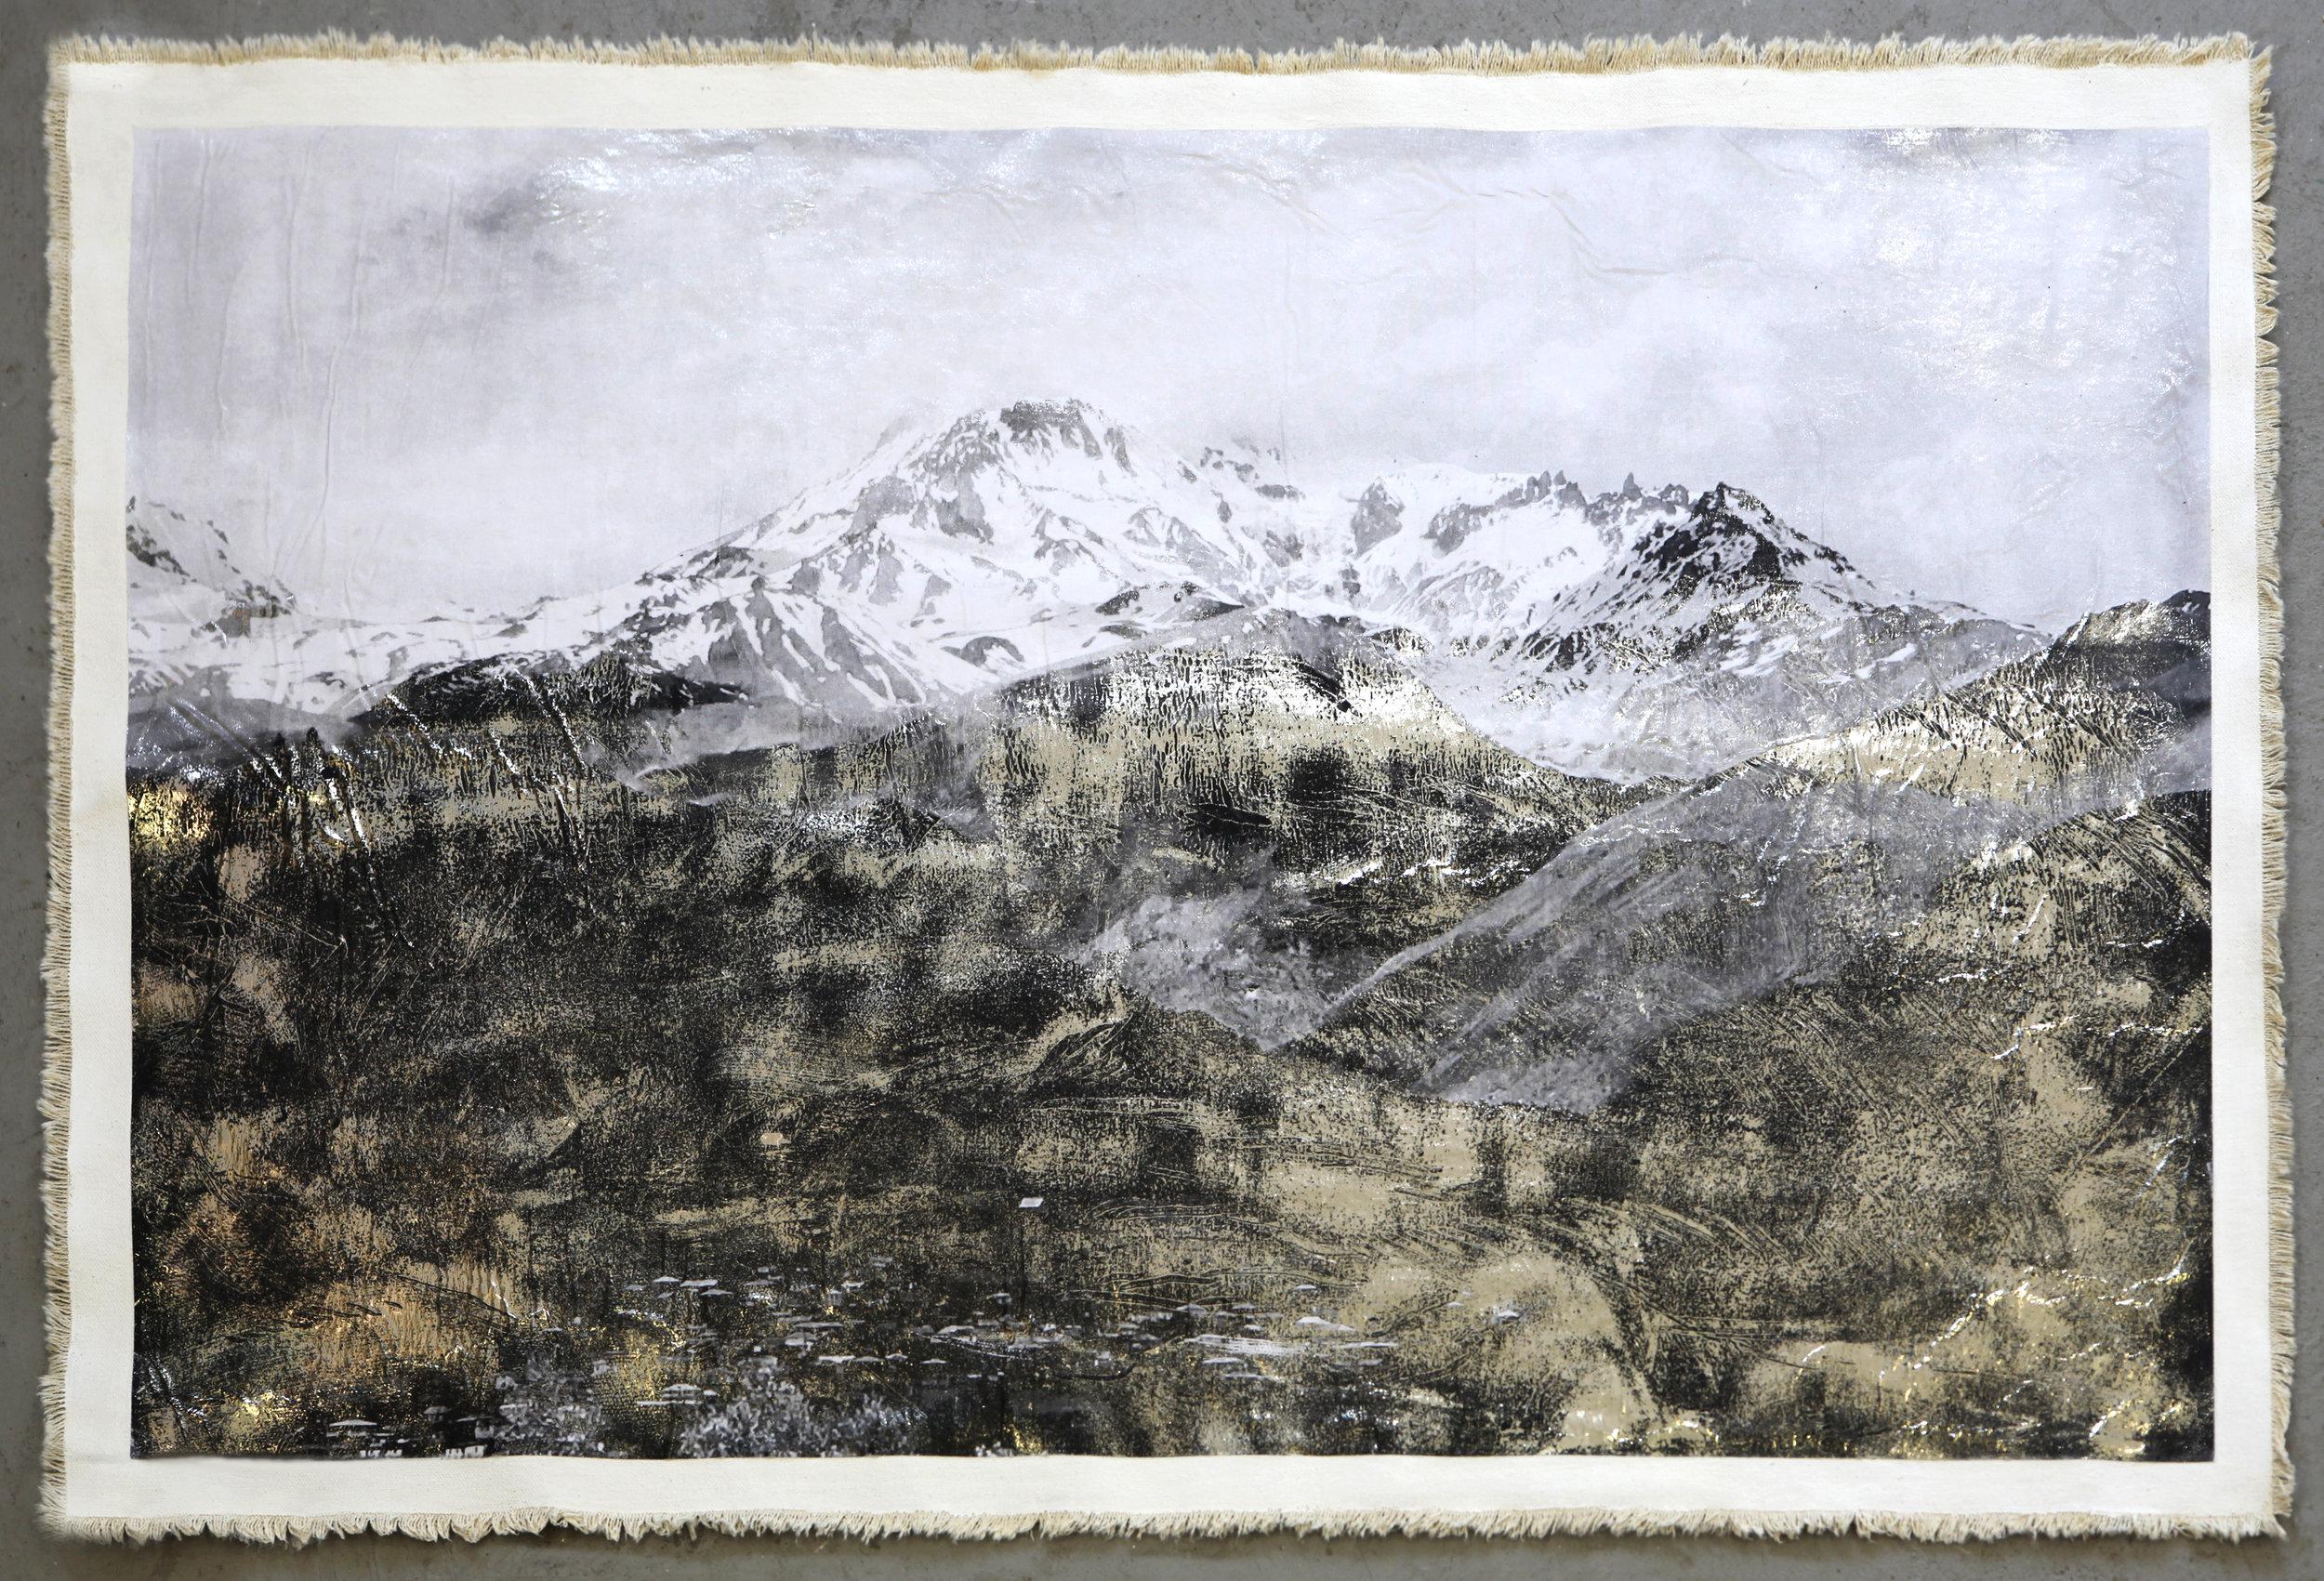 Kasbeki Valley I